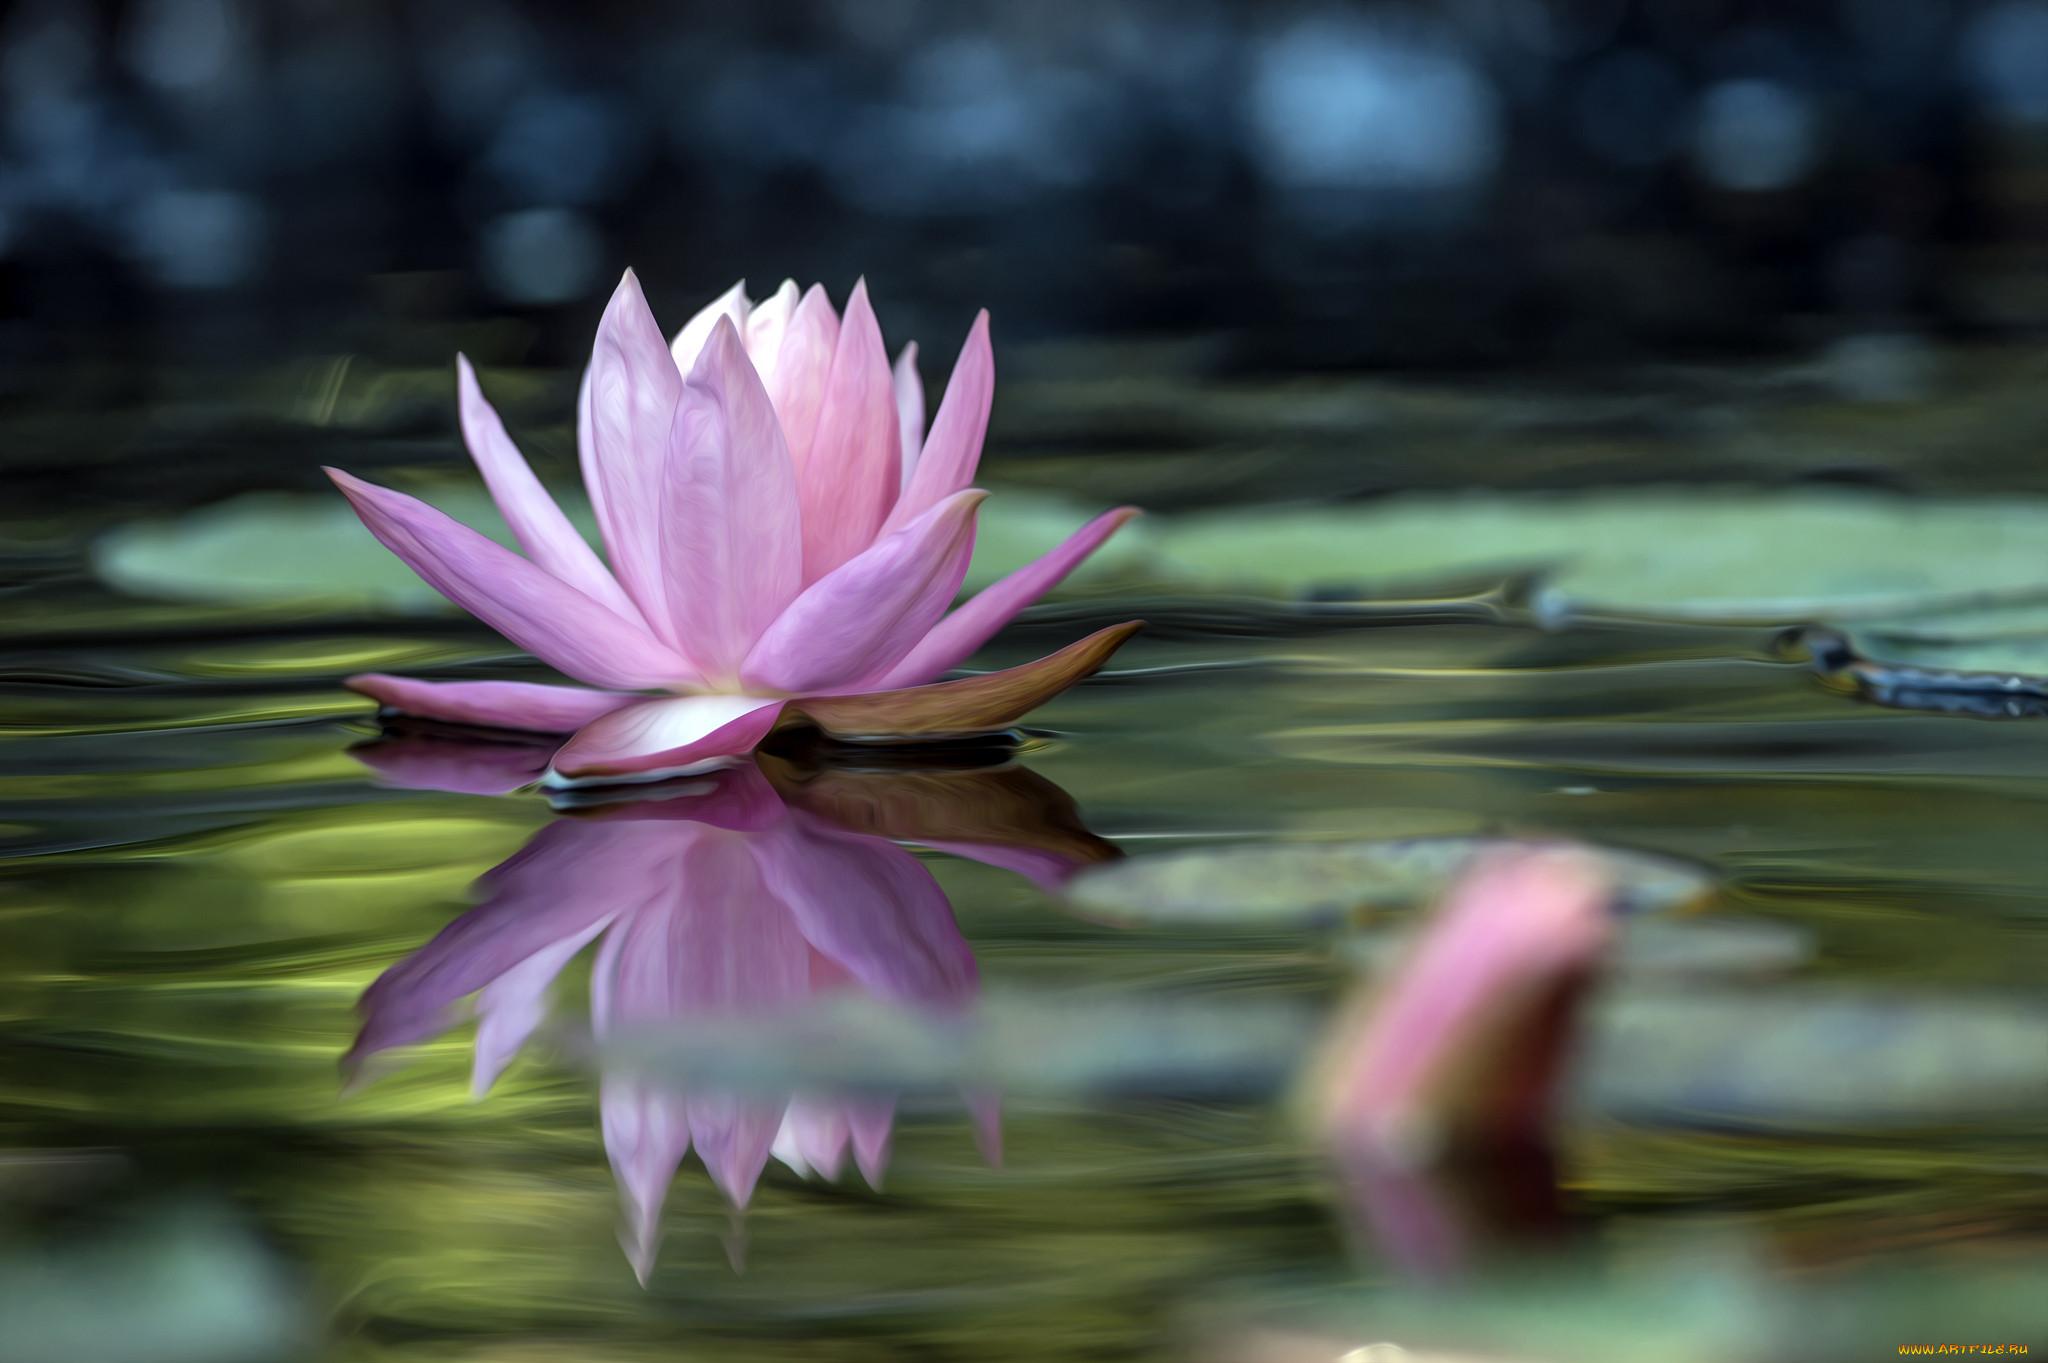 водяные лилии и лотос картинки новых друзей